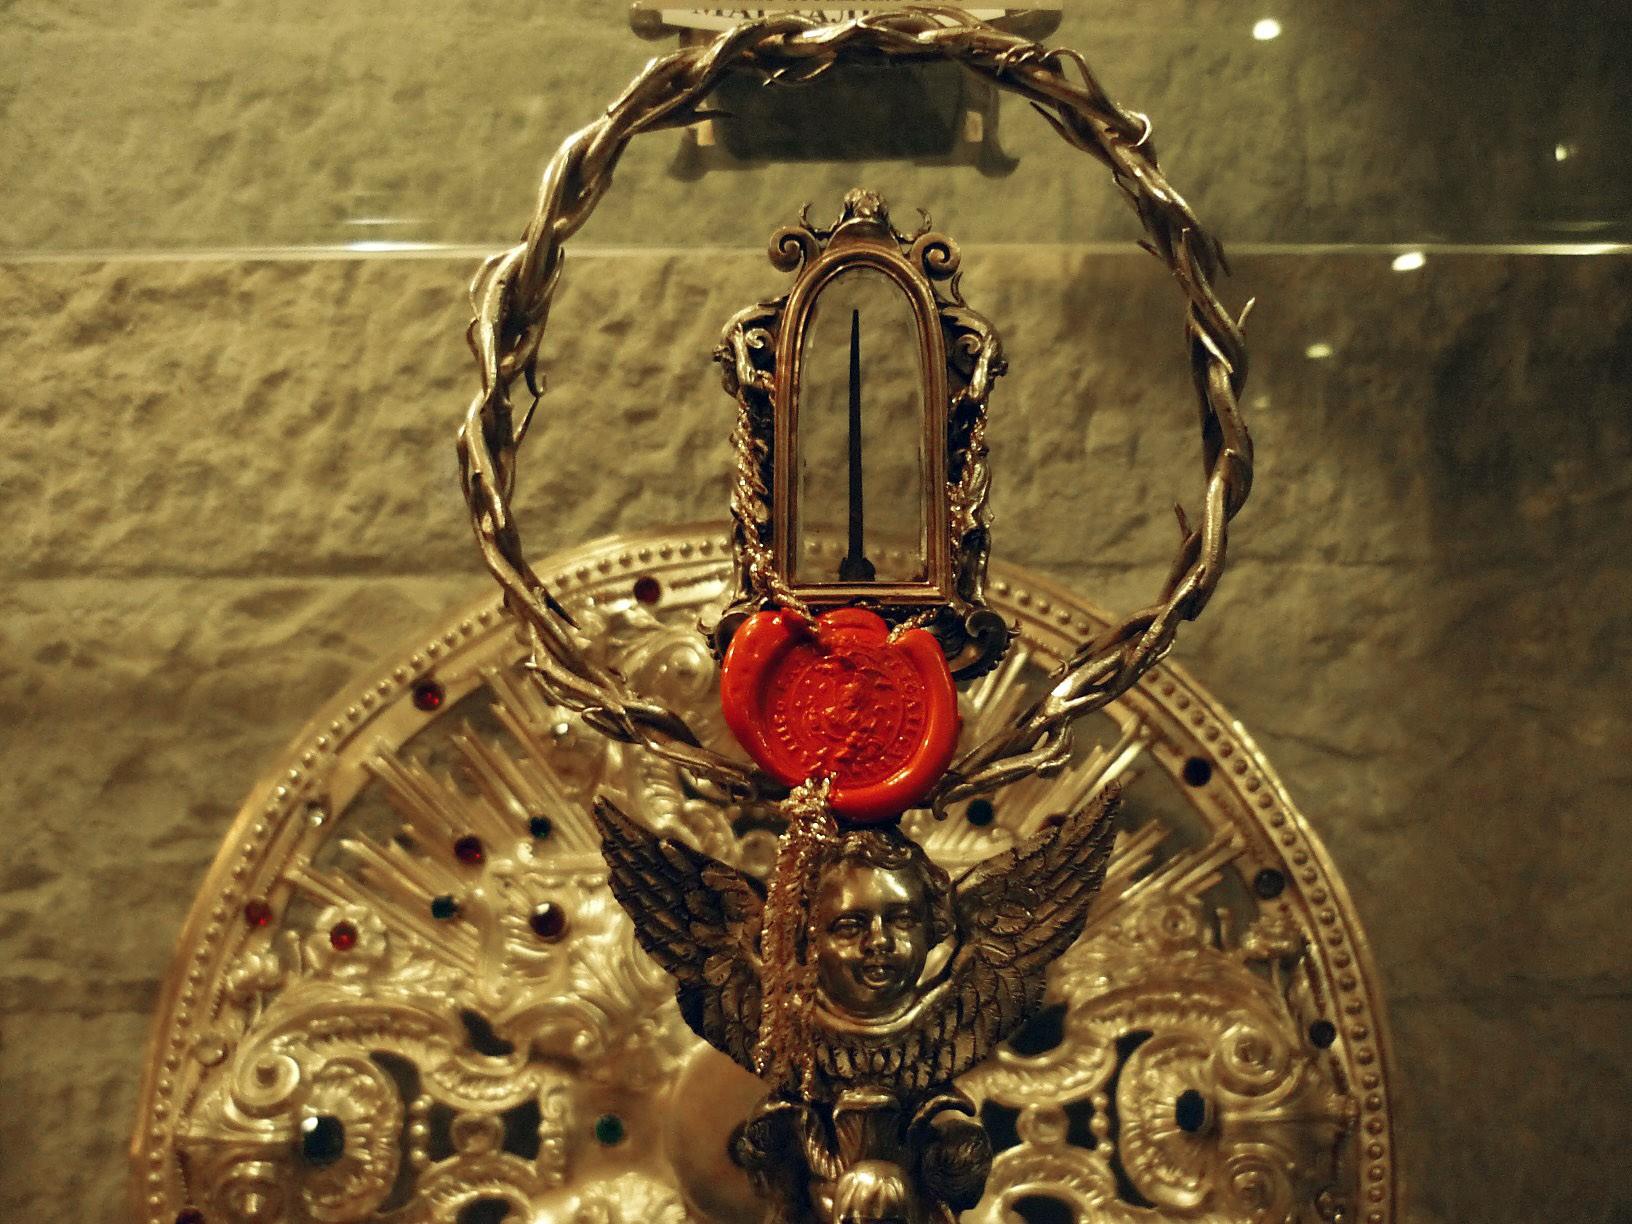 Вмузеях Московского Кремля открывается выставка шедевров готического искусства